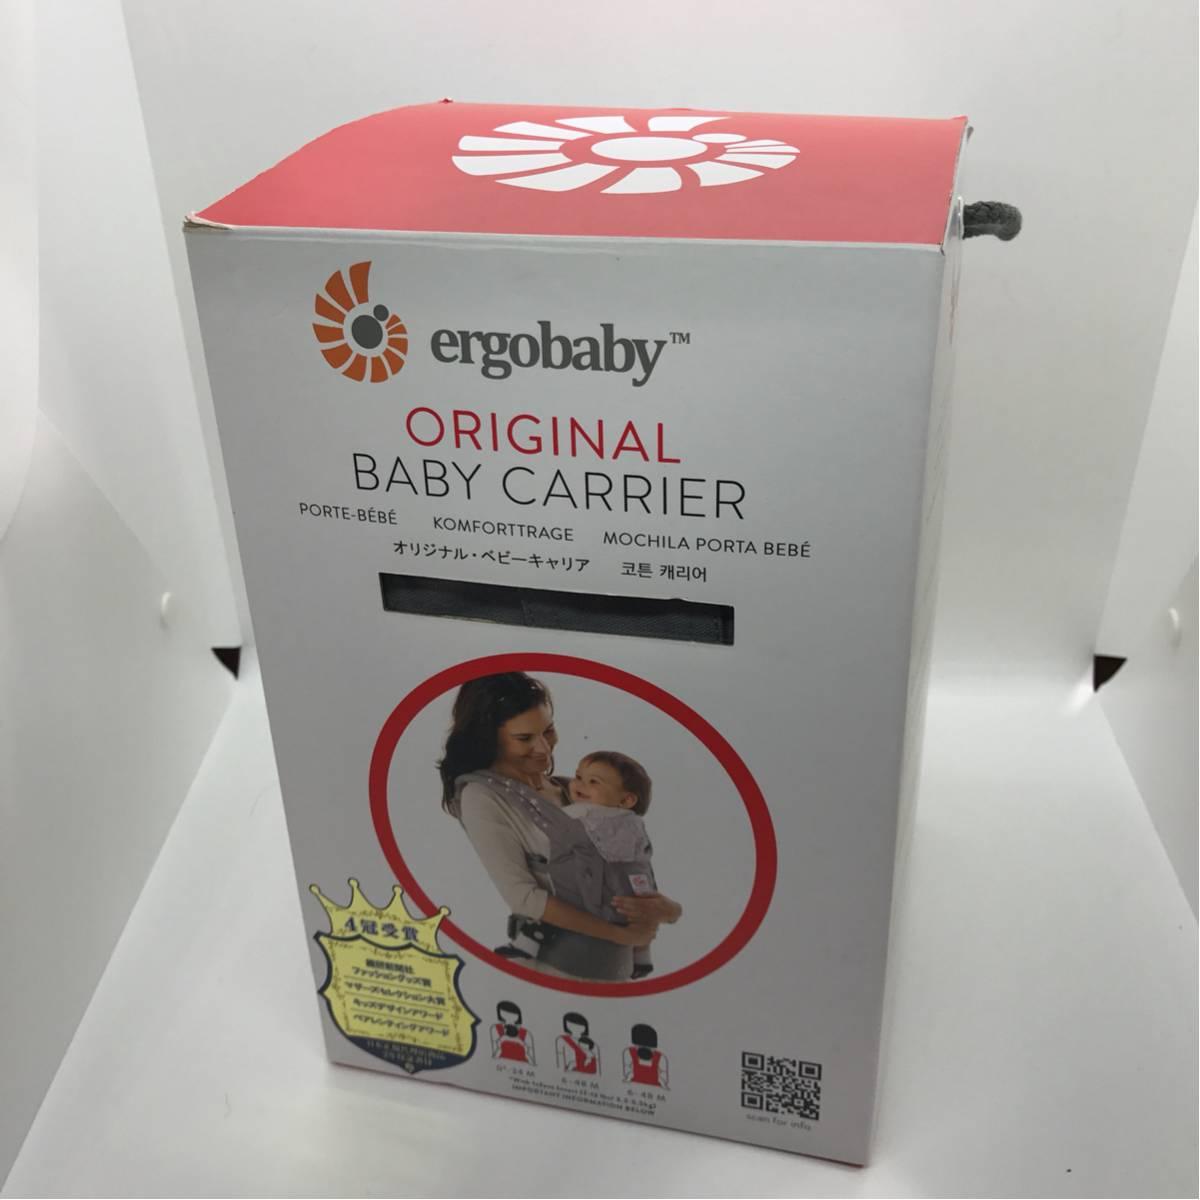 エルゴベビー オリジナル ベリーキャリア 抱っこ紐 日本正規品 本物 新品 未使用 ギャラクシーグレー 取説有 赤ちゃん用品 グッズ 新生児